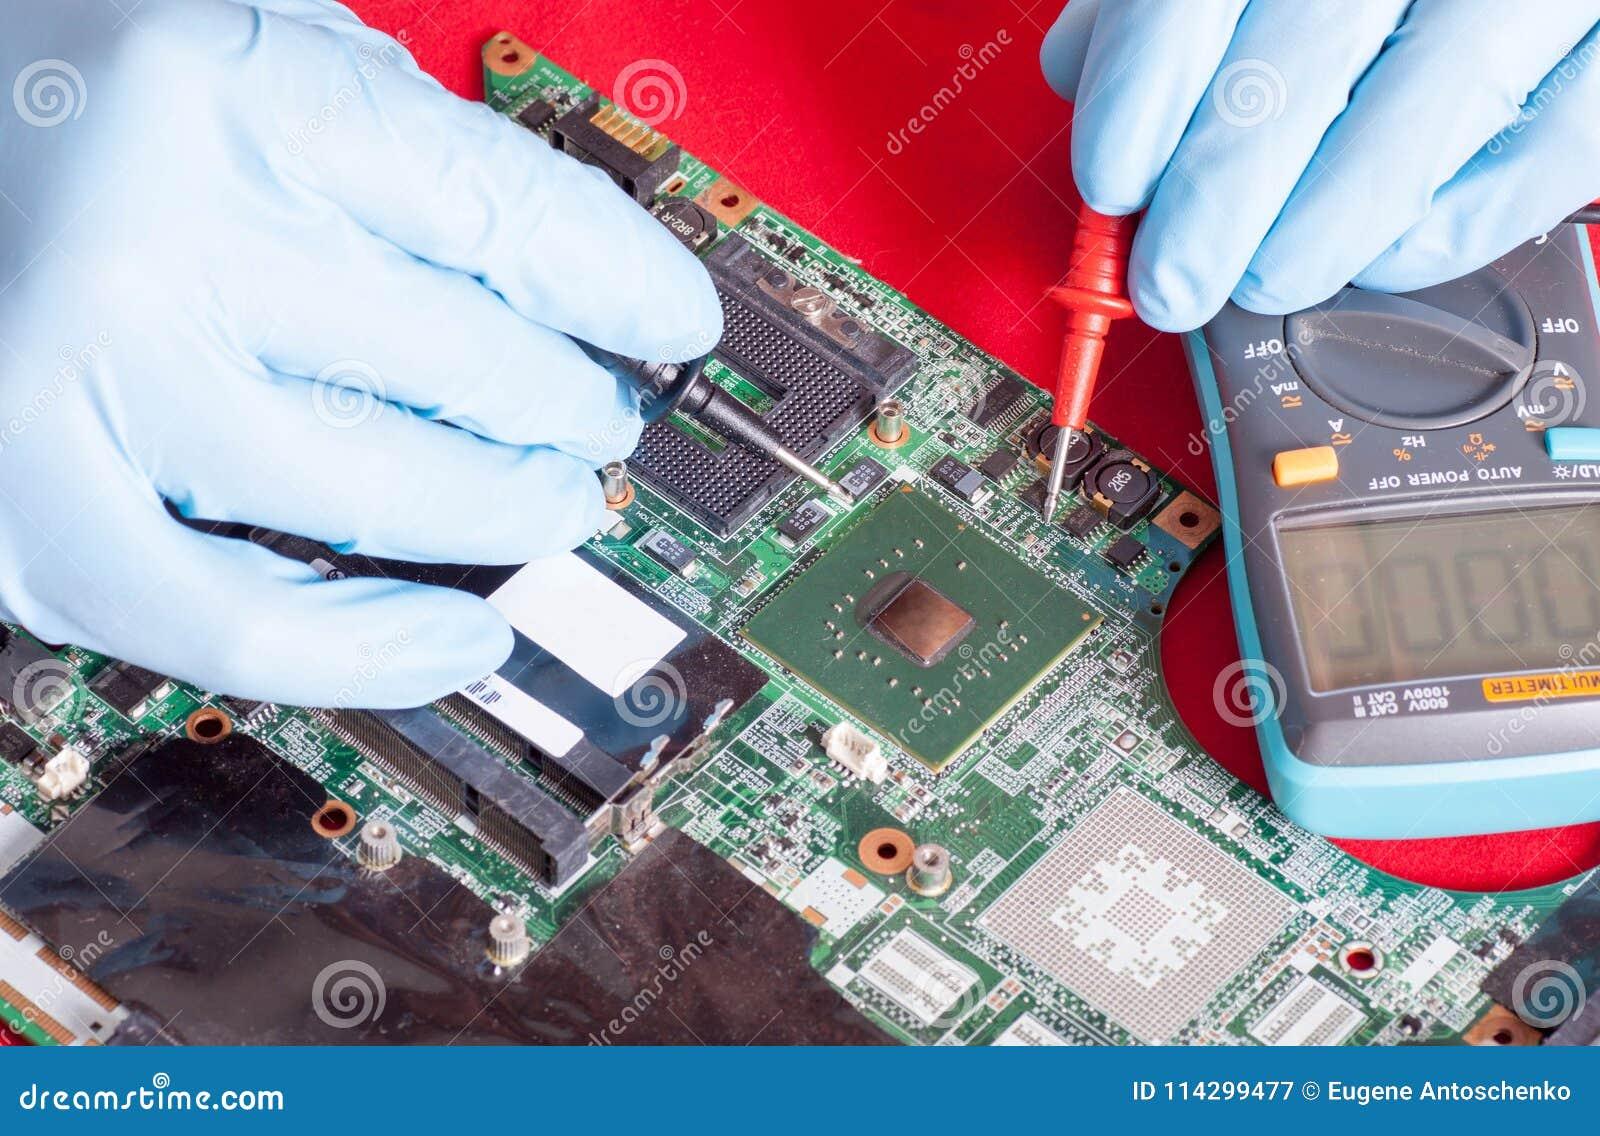 Printed Circuit Board Testing In Repair Service Stock Image